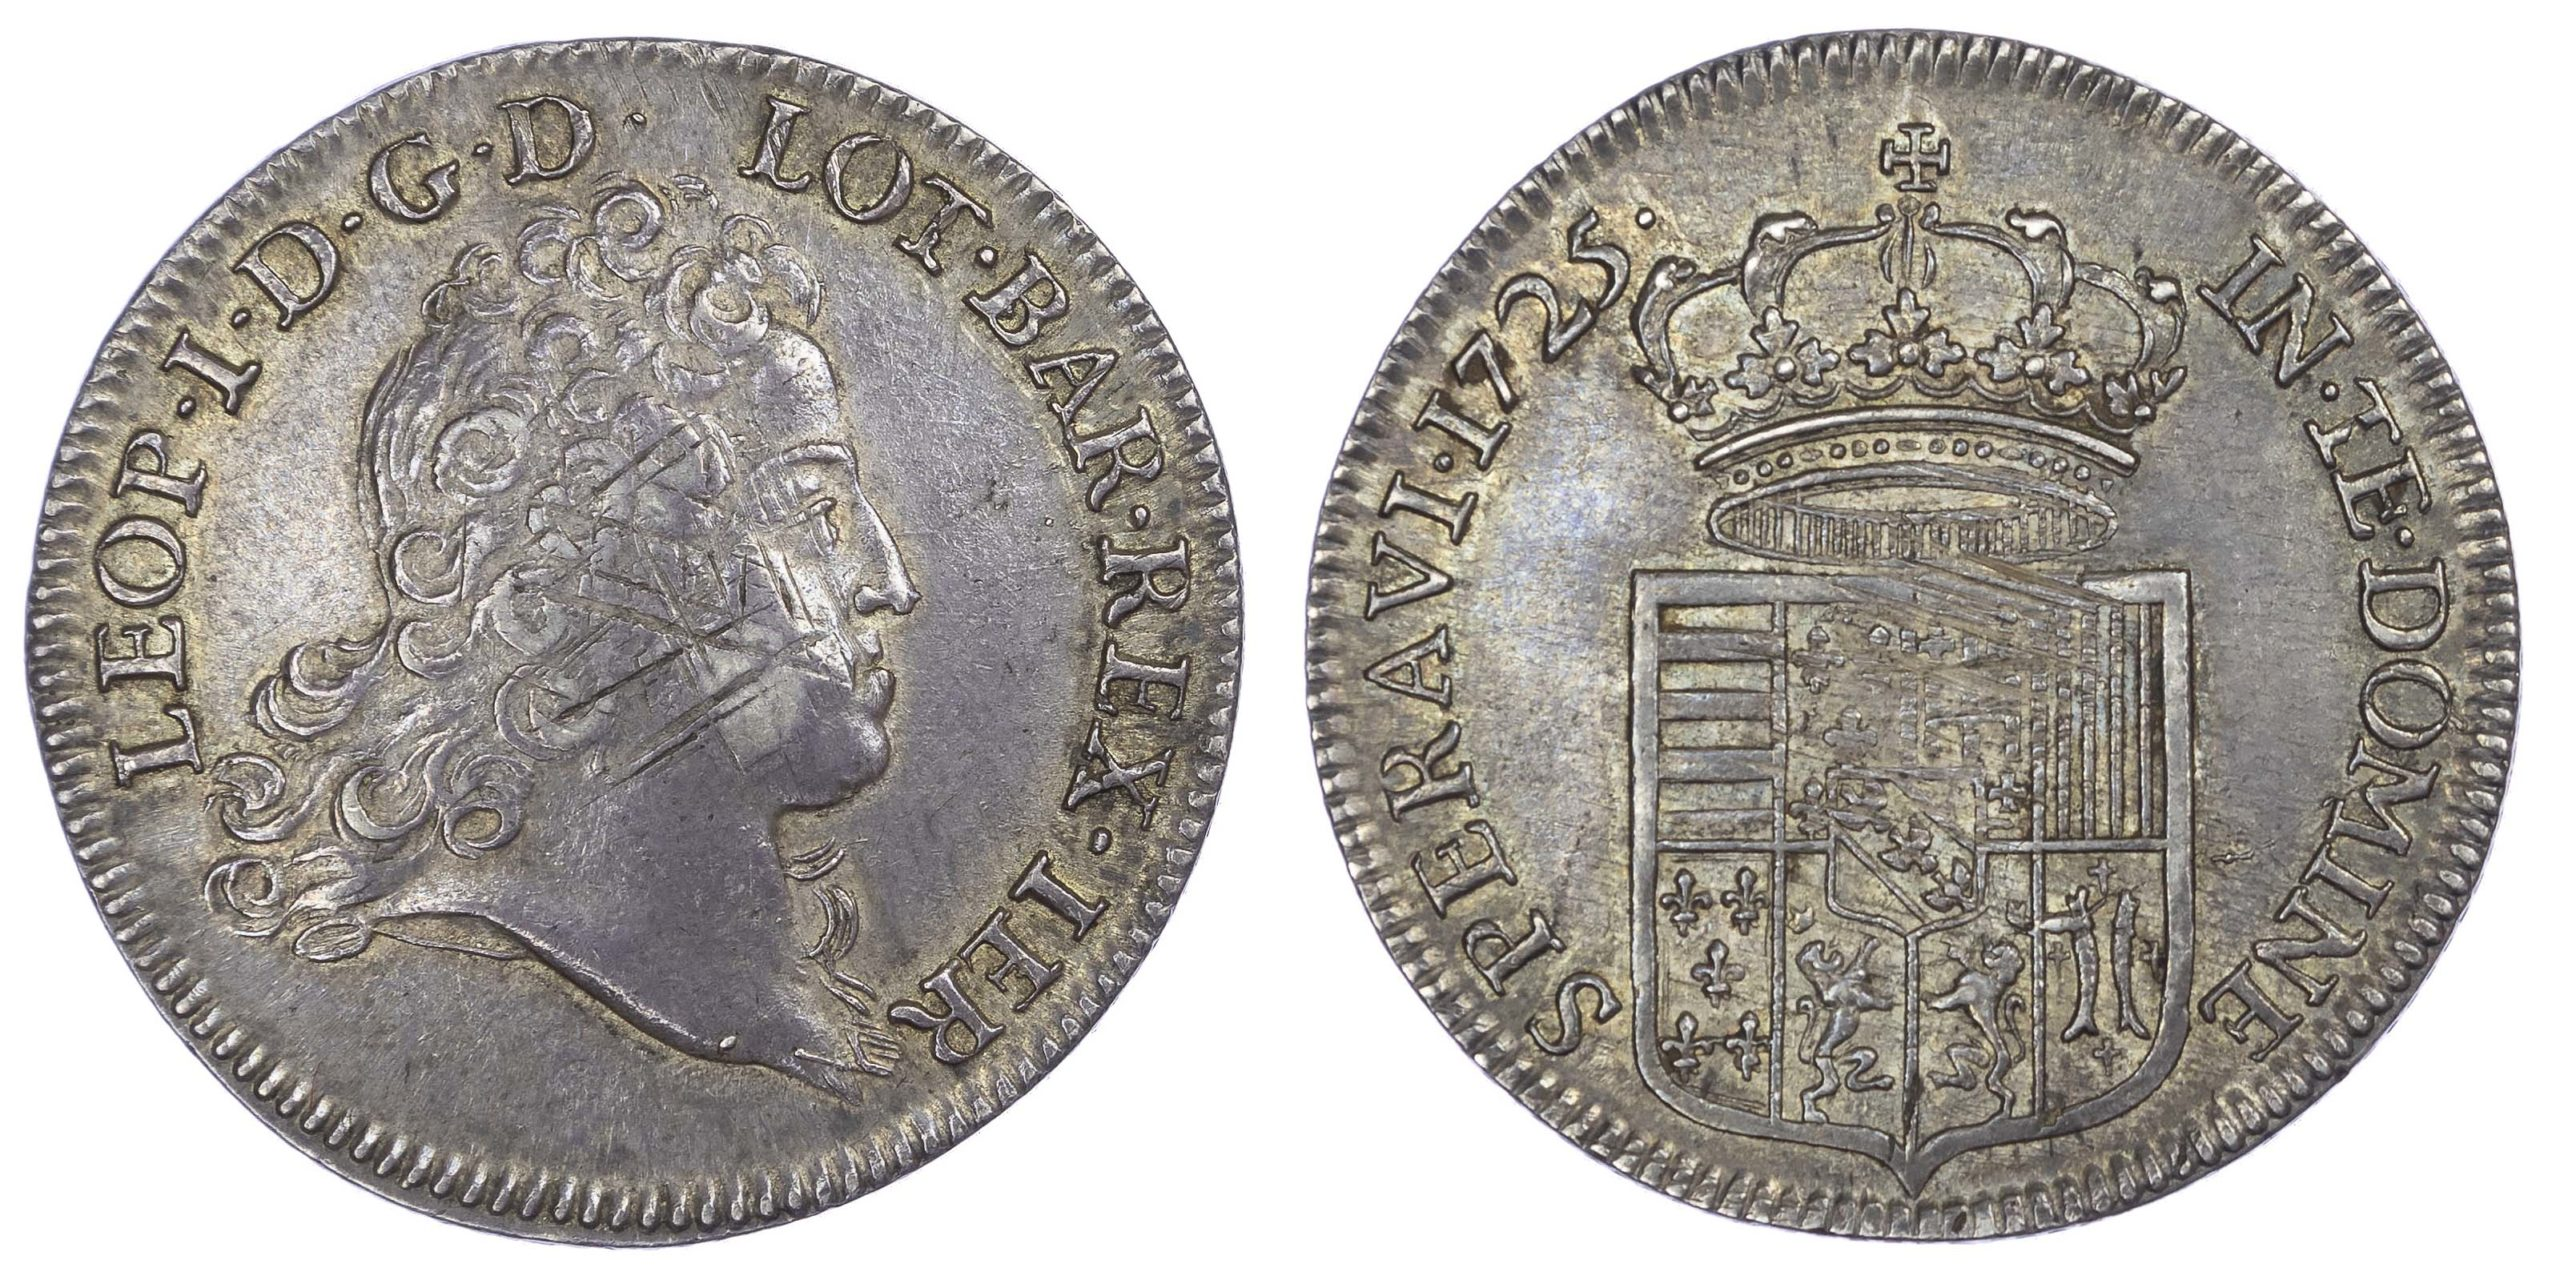 France, Lorraine, Leopold I (1697-1729 AD), Léopold d''argent (écu, dit Aubonne), 1725 - rare